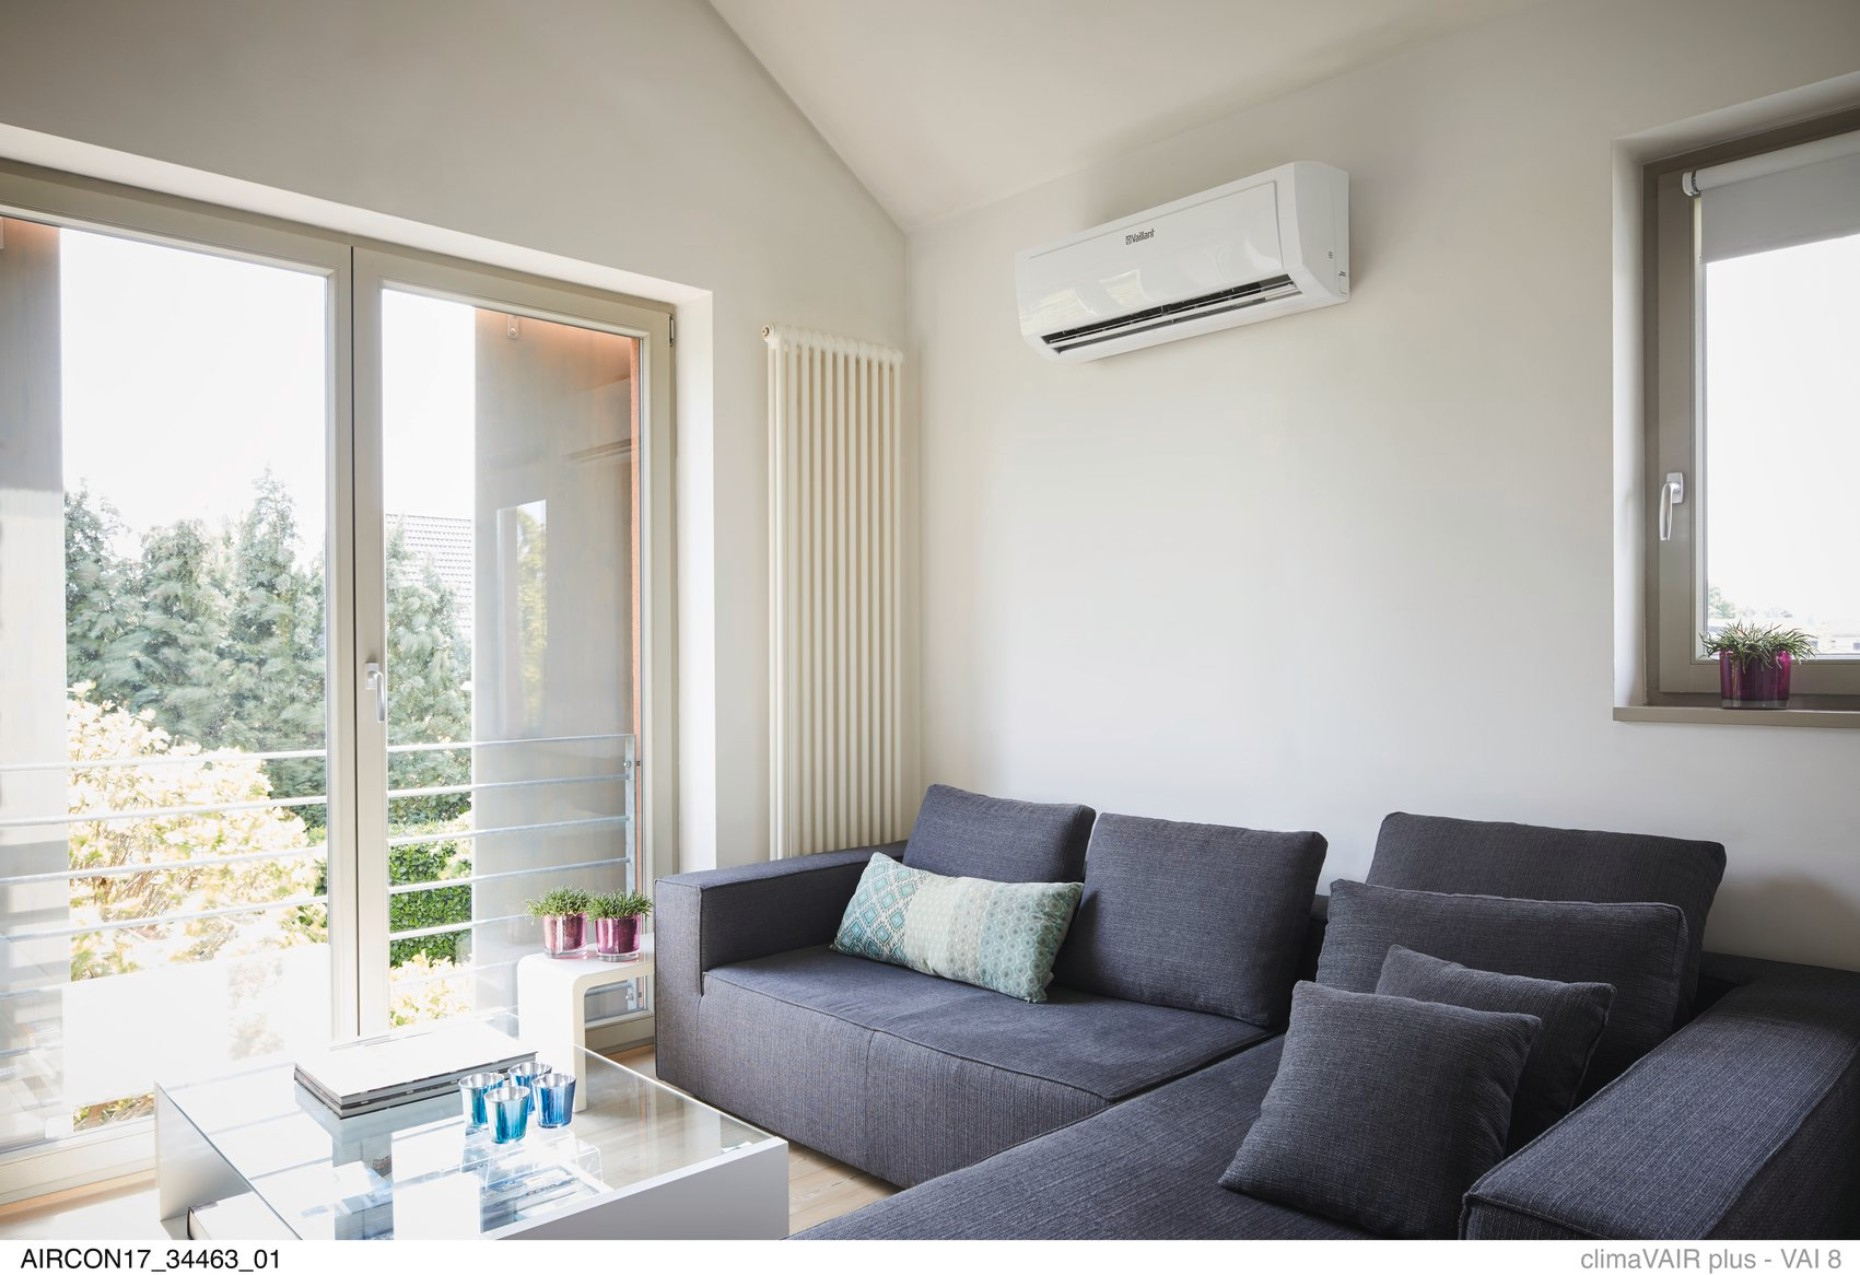 Inverter Klima Uređaj Climavair Vai 8 Vaillant